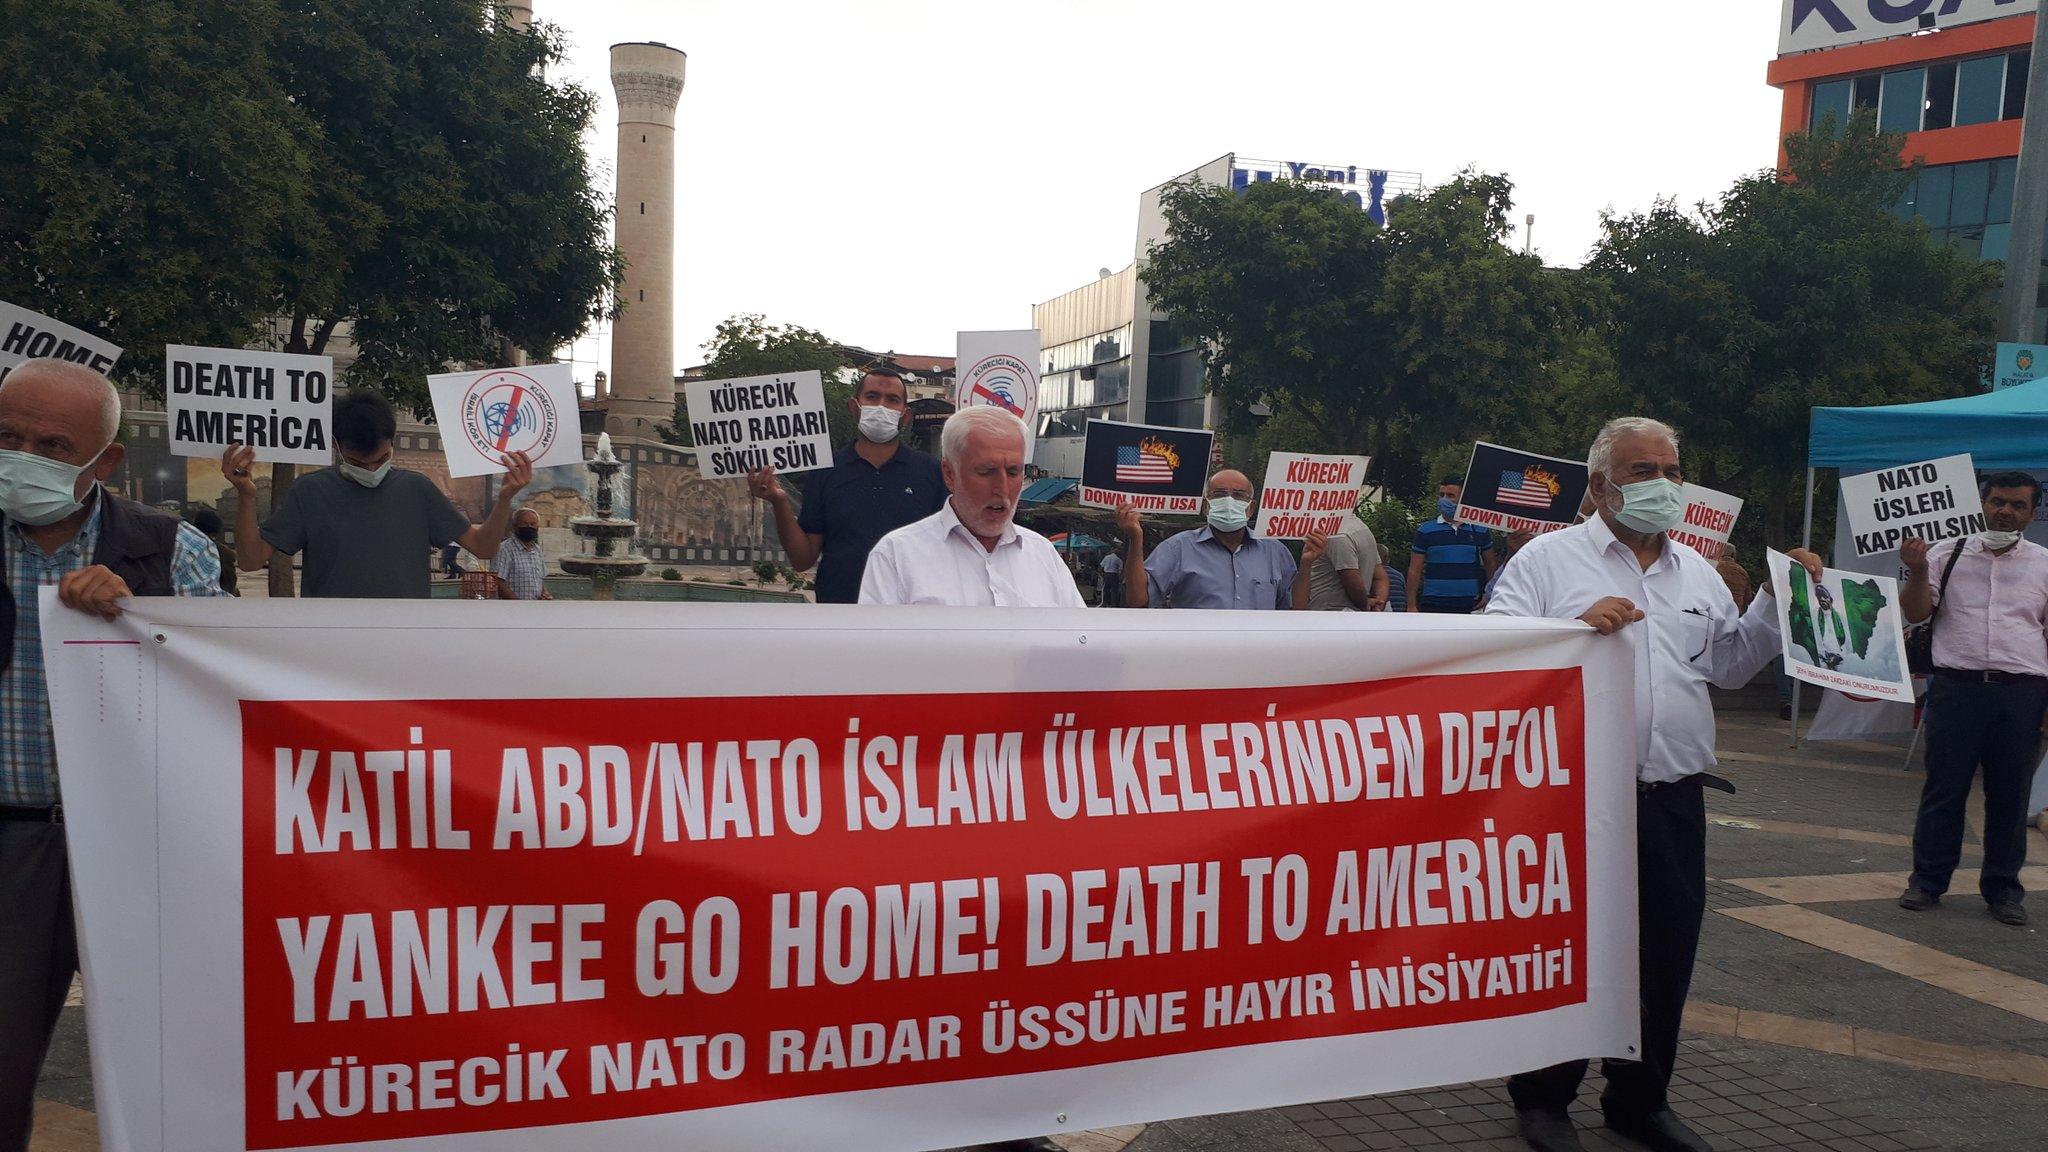 Malatya'da Nato'ya ve Üslerine Hayır Temalı Basın Açıklaması Düzenlendi (Video-Foto)